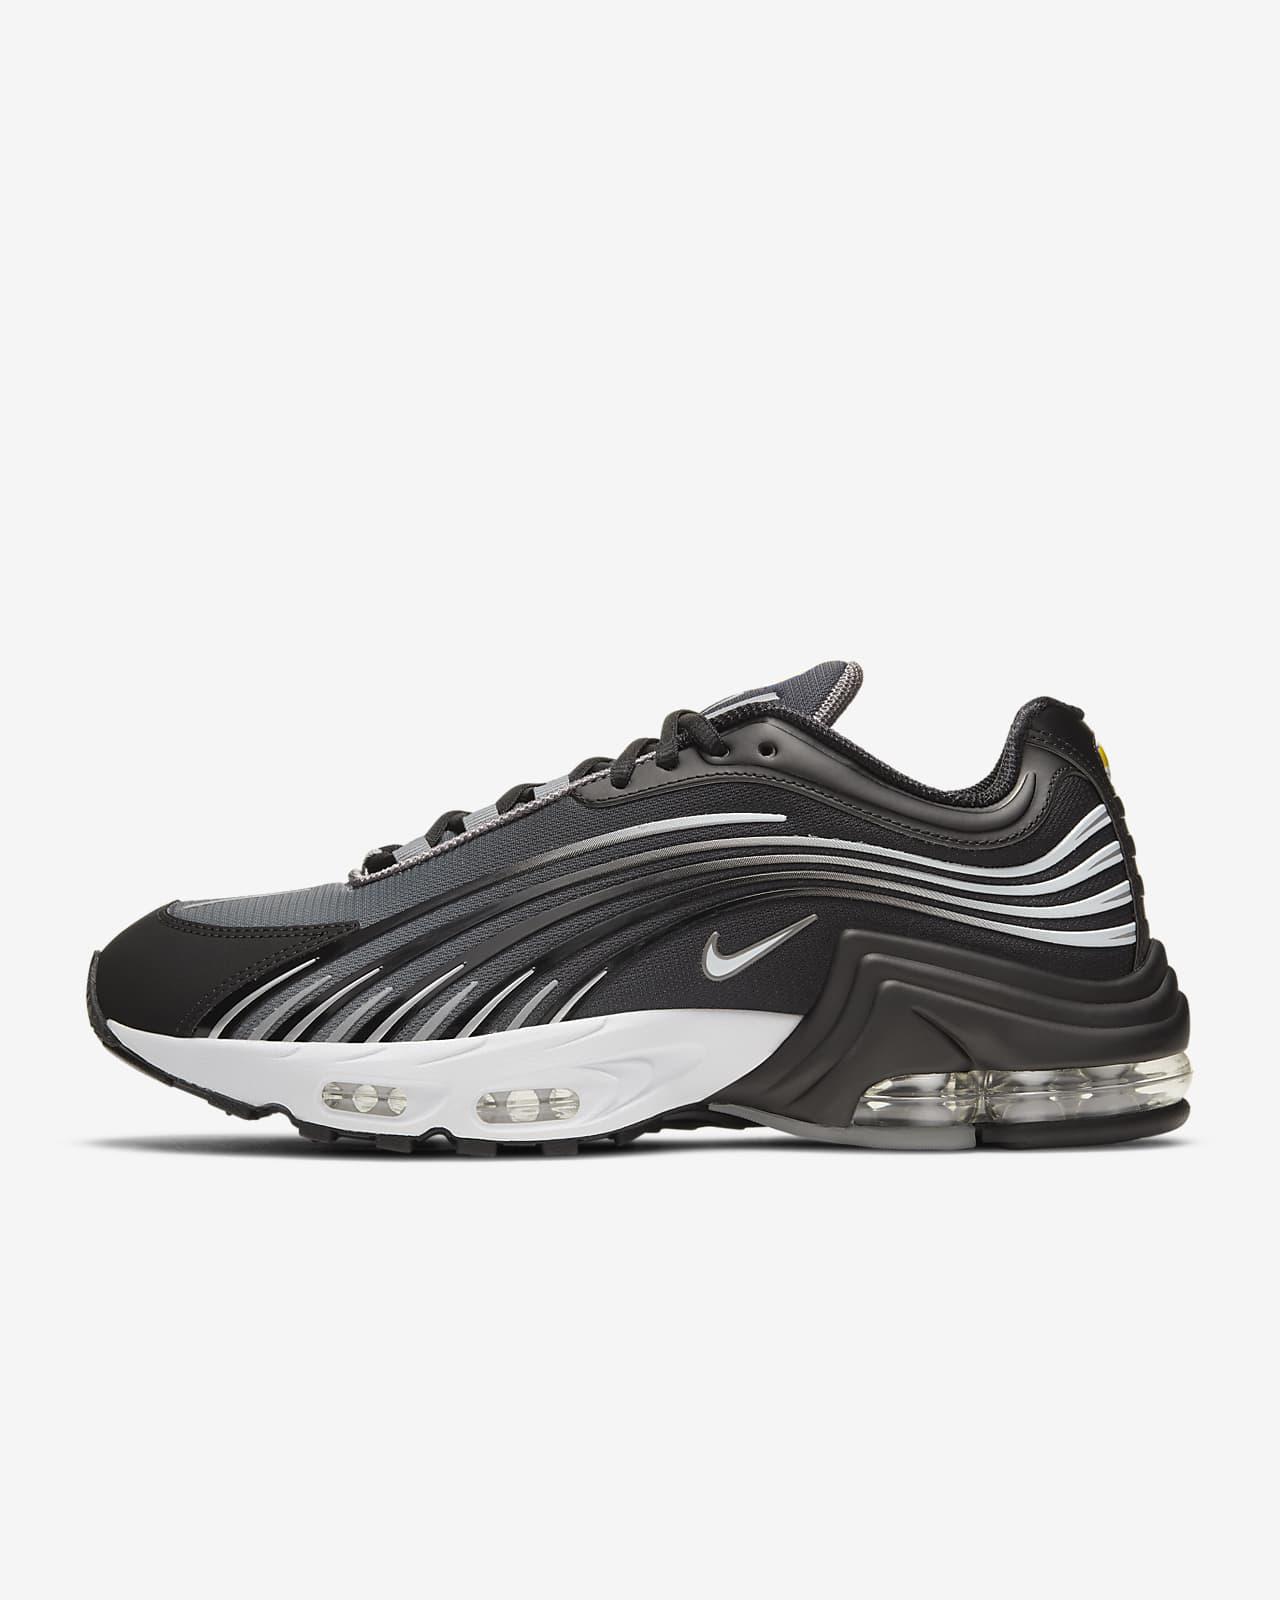 Nike Air Max Plus II Men's Shoe